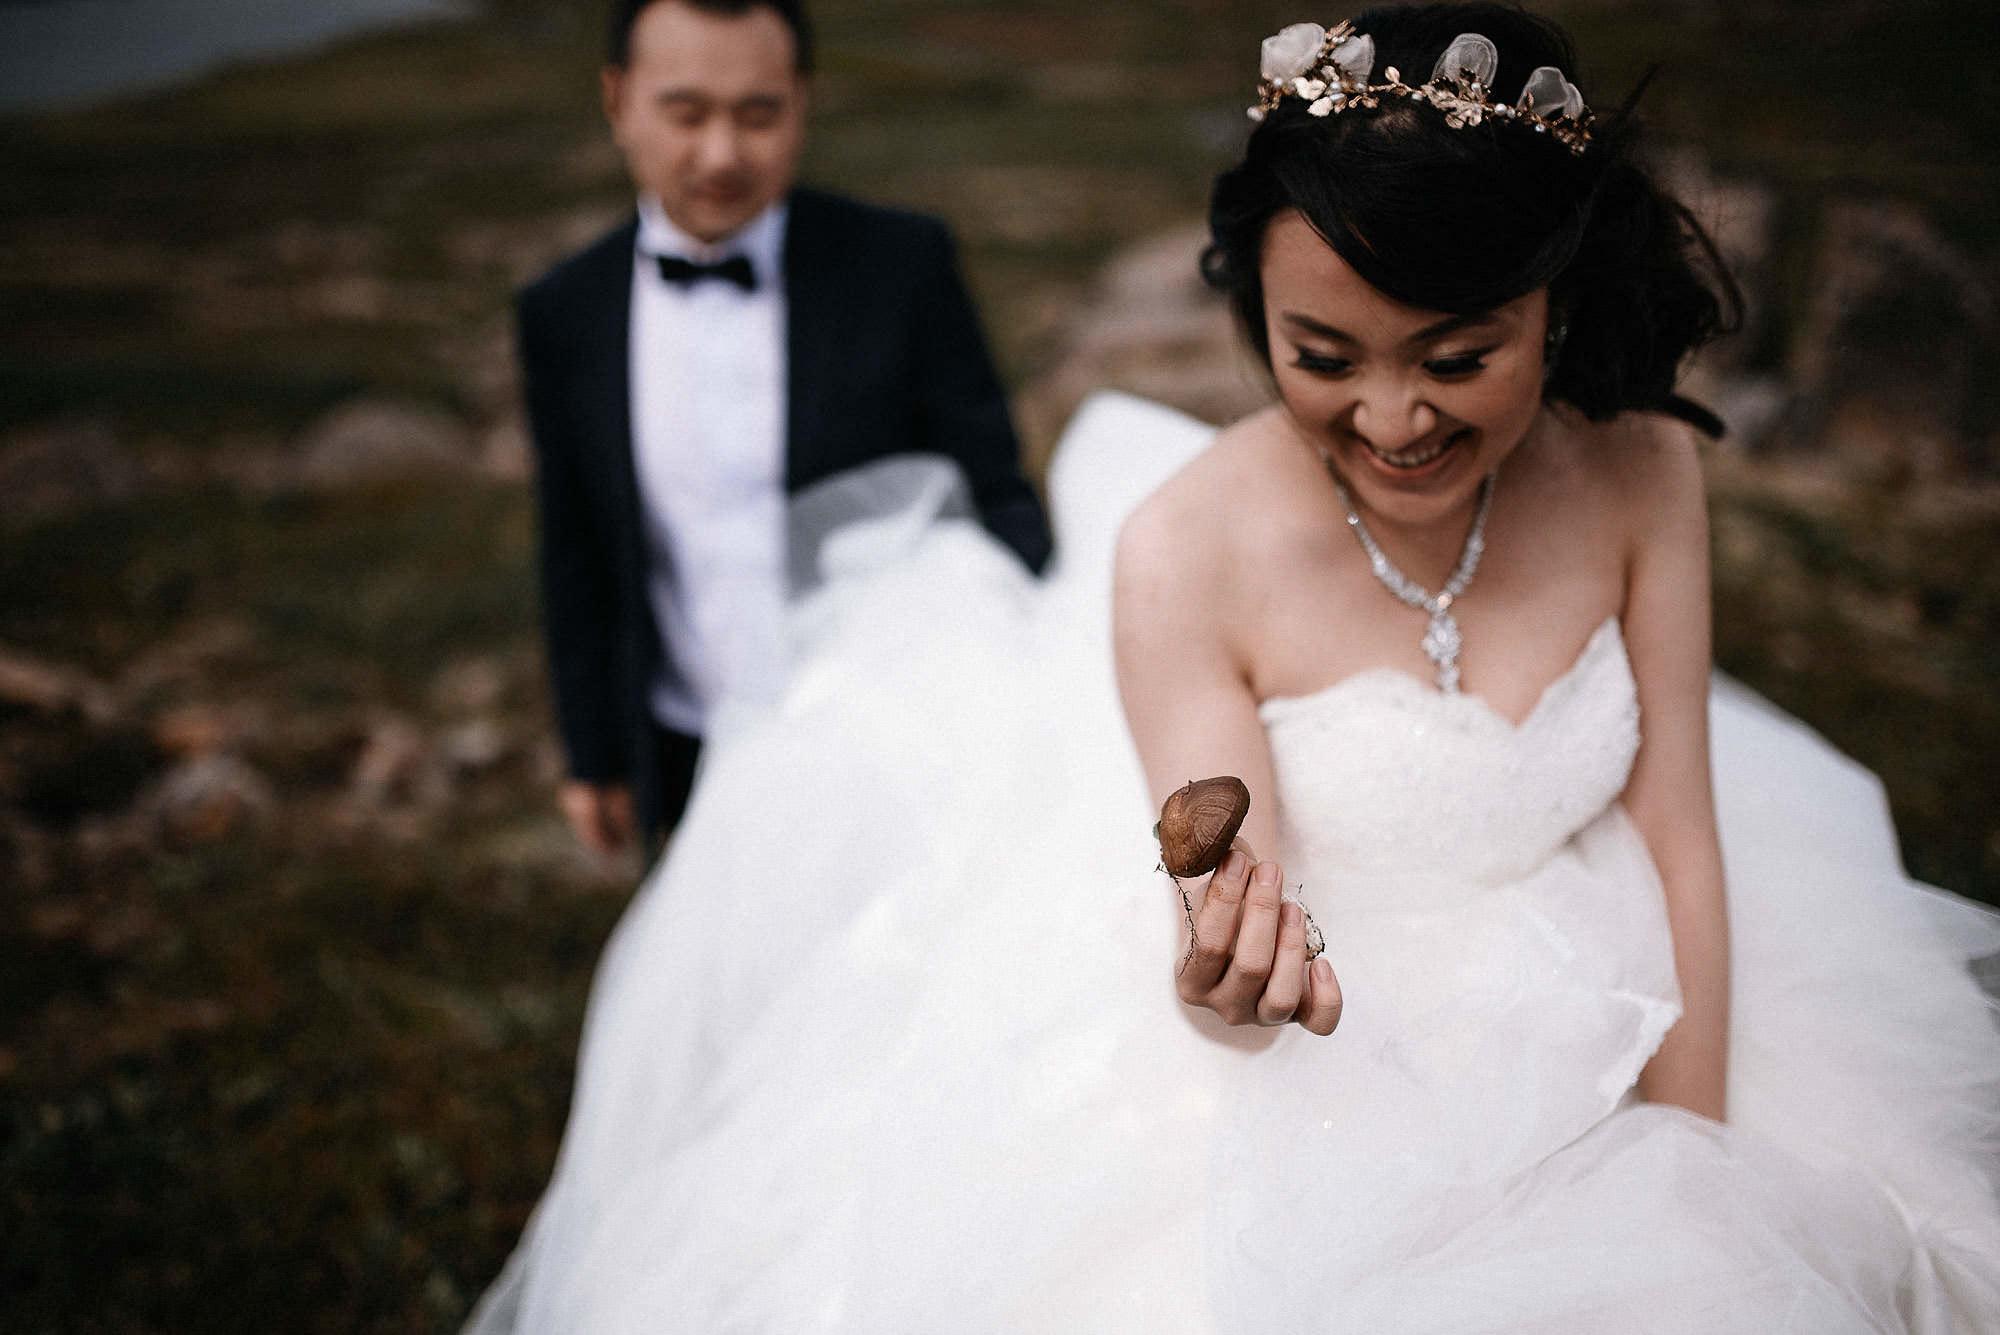 iceland-wedding-photographer_jere-satamo_photography-reykjavik-042.jpg